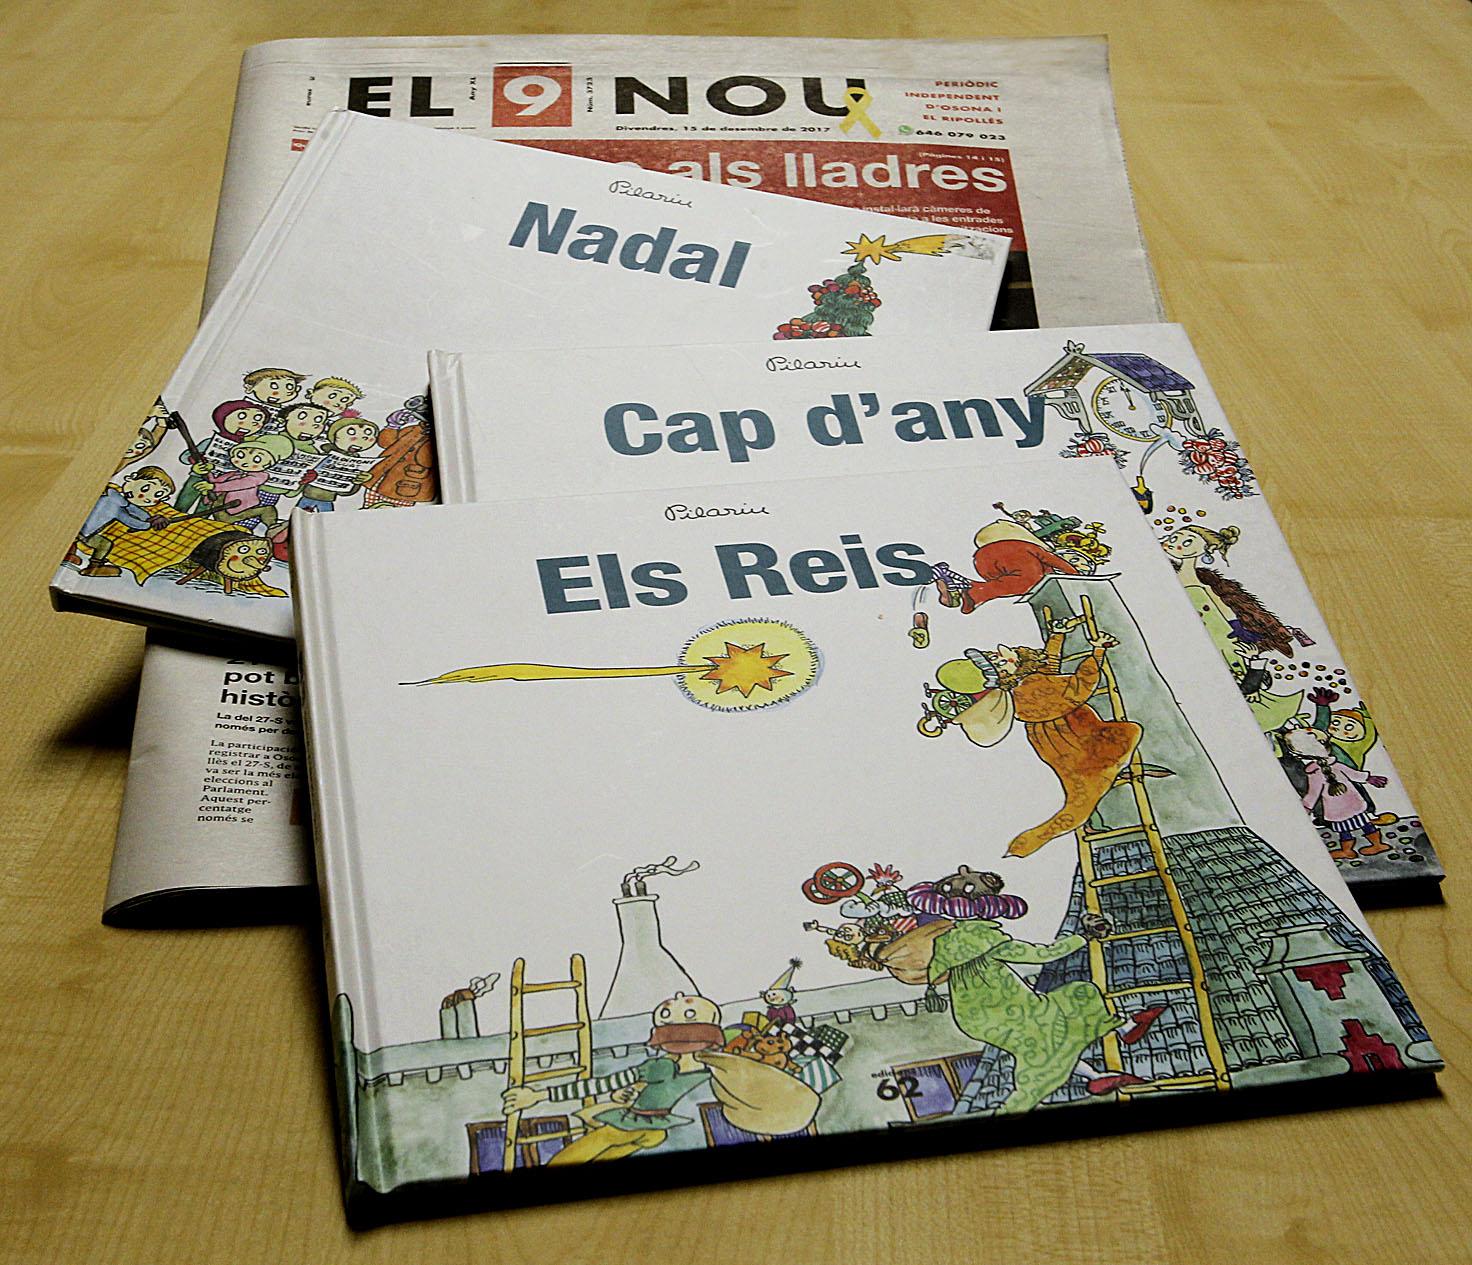 Aquests són els llibres que es poden comprar amb EL 9 NOU